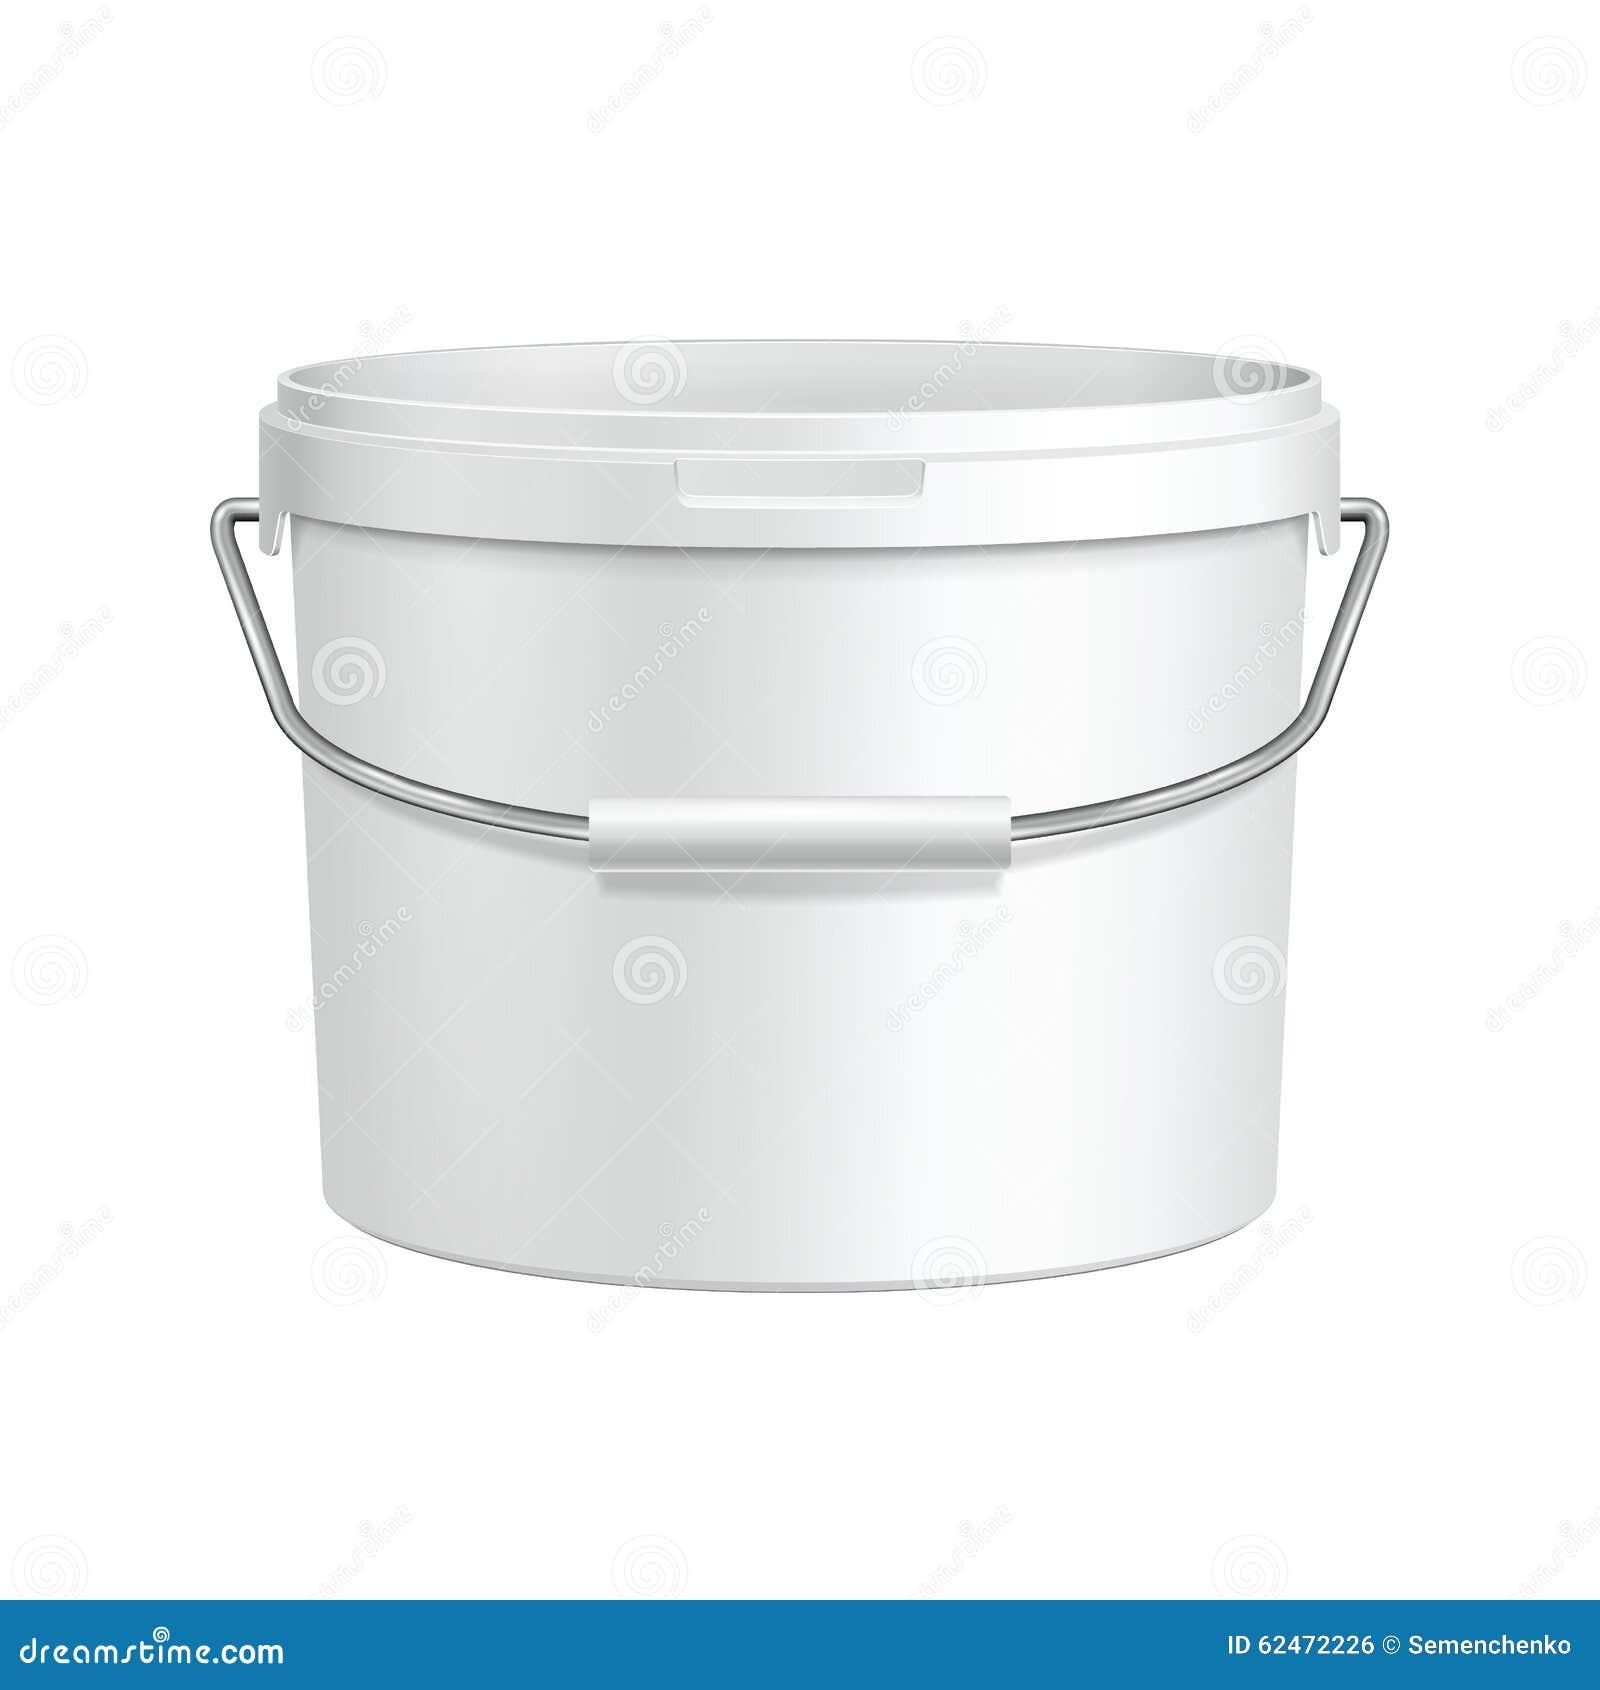 Раскрытый контейнер ведра белой краски ушата пластичный с ручкой металла